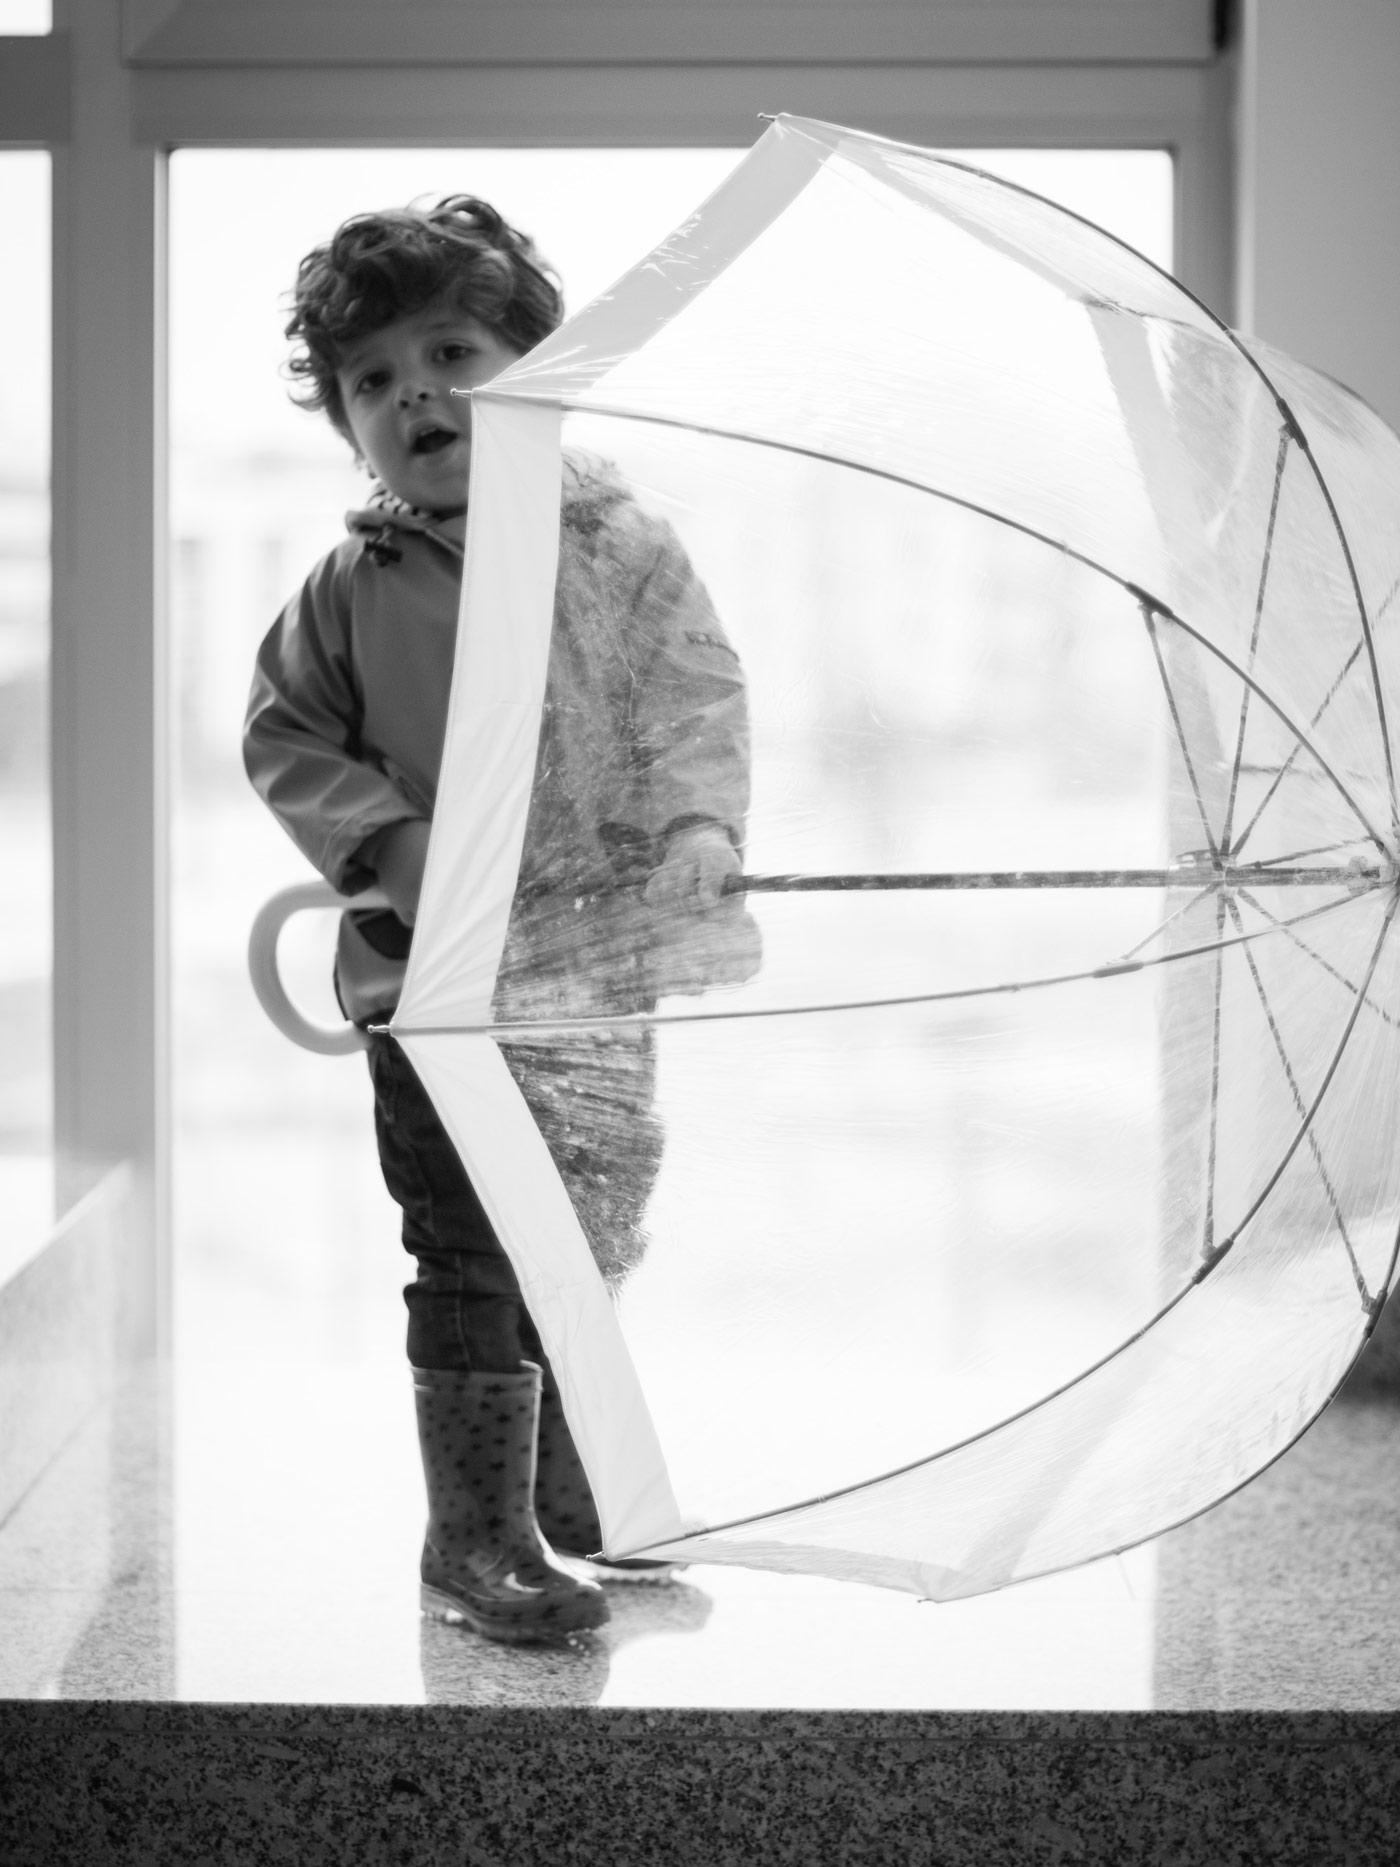 retrato en blanco y negro de un niño en la escalera de un portal con un paraguas abierto